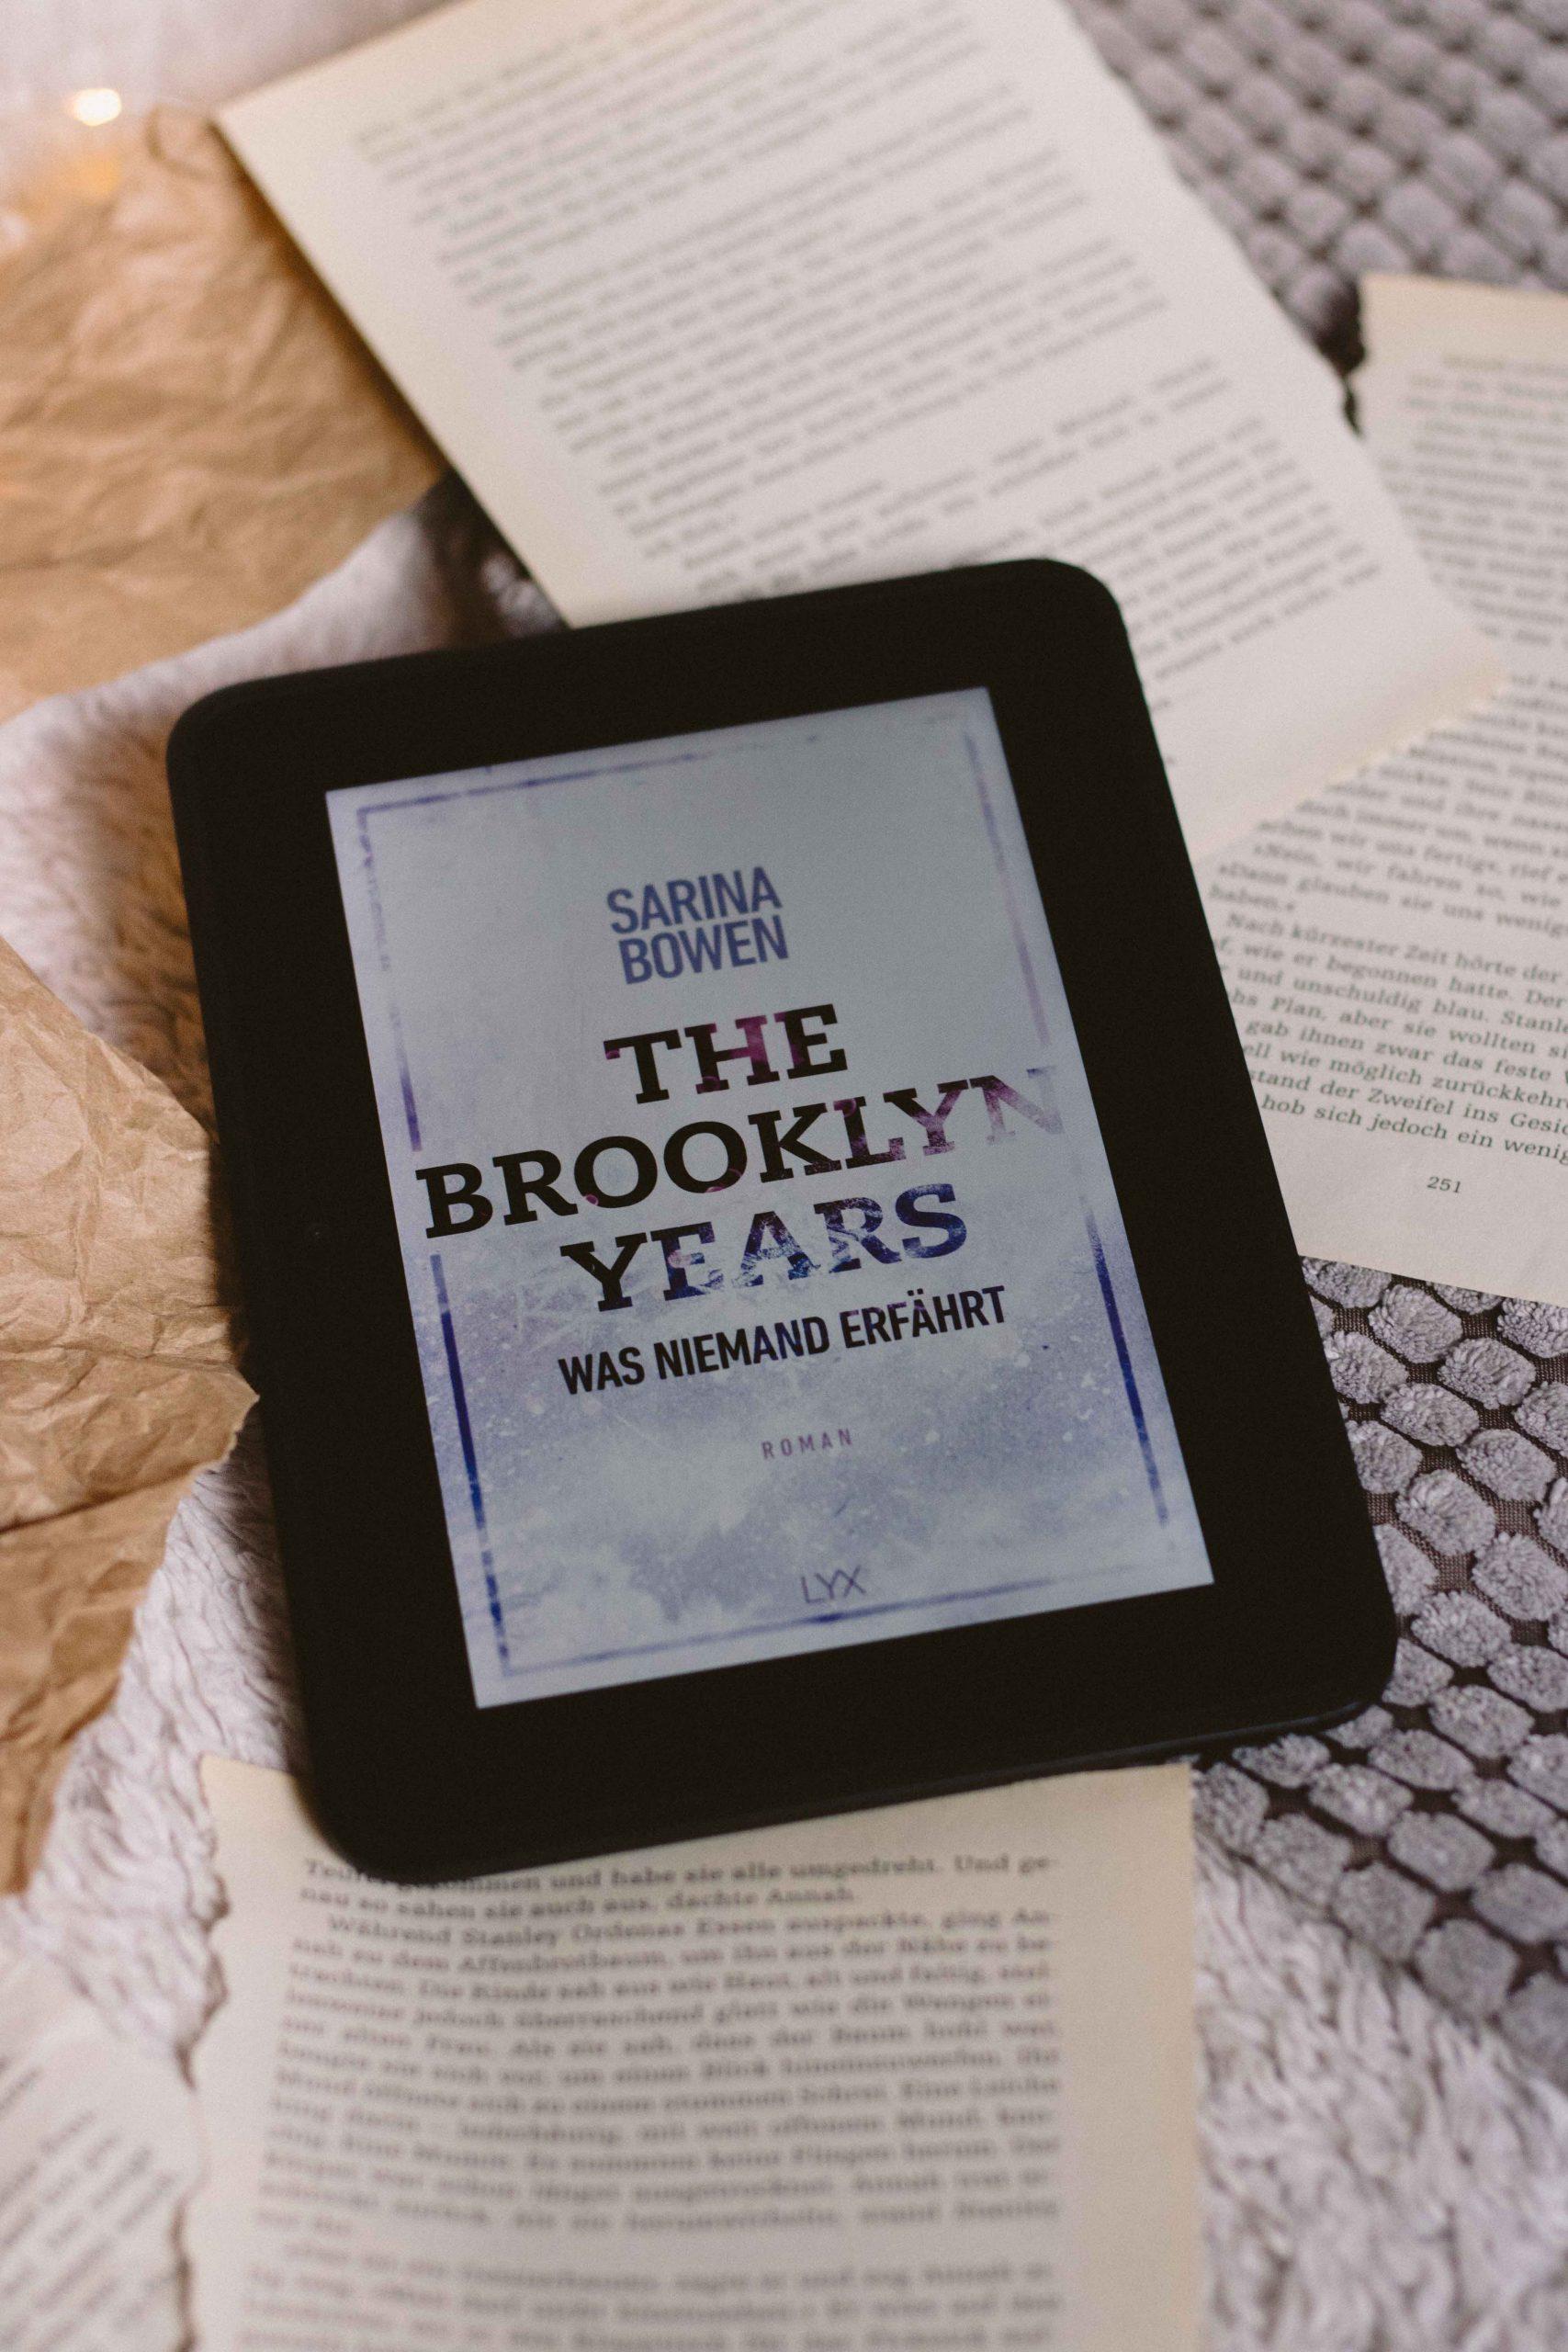 Was niemand erfährt – The Brooklyn Years #2 | Sarina Bowen